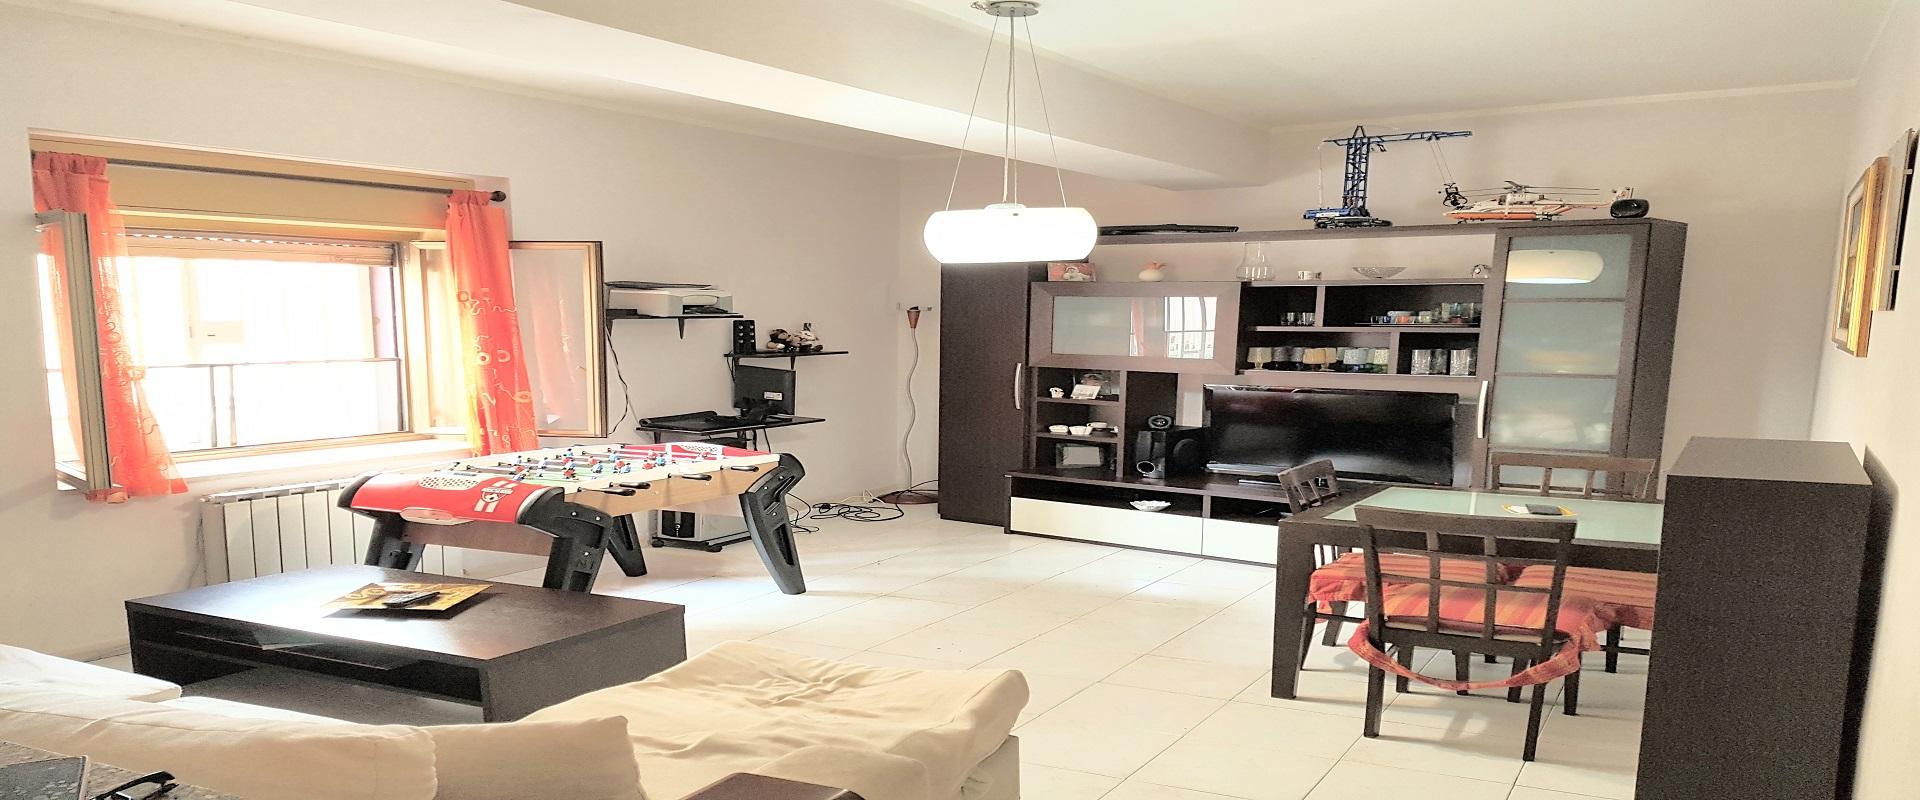 Appartamento in vendita pressi Paradiso